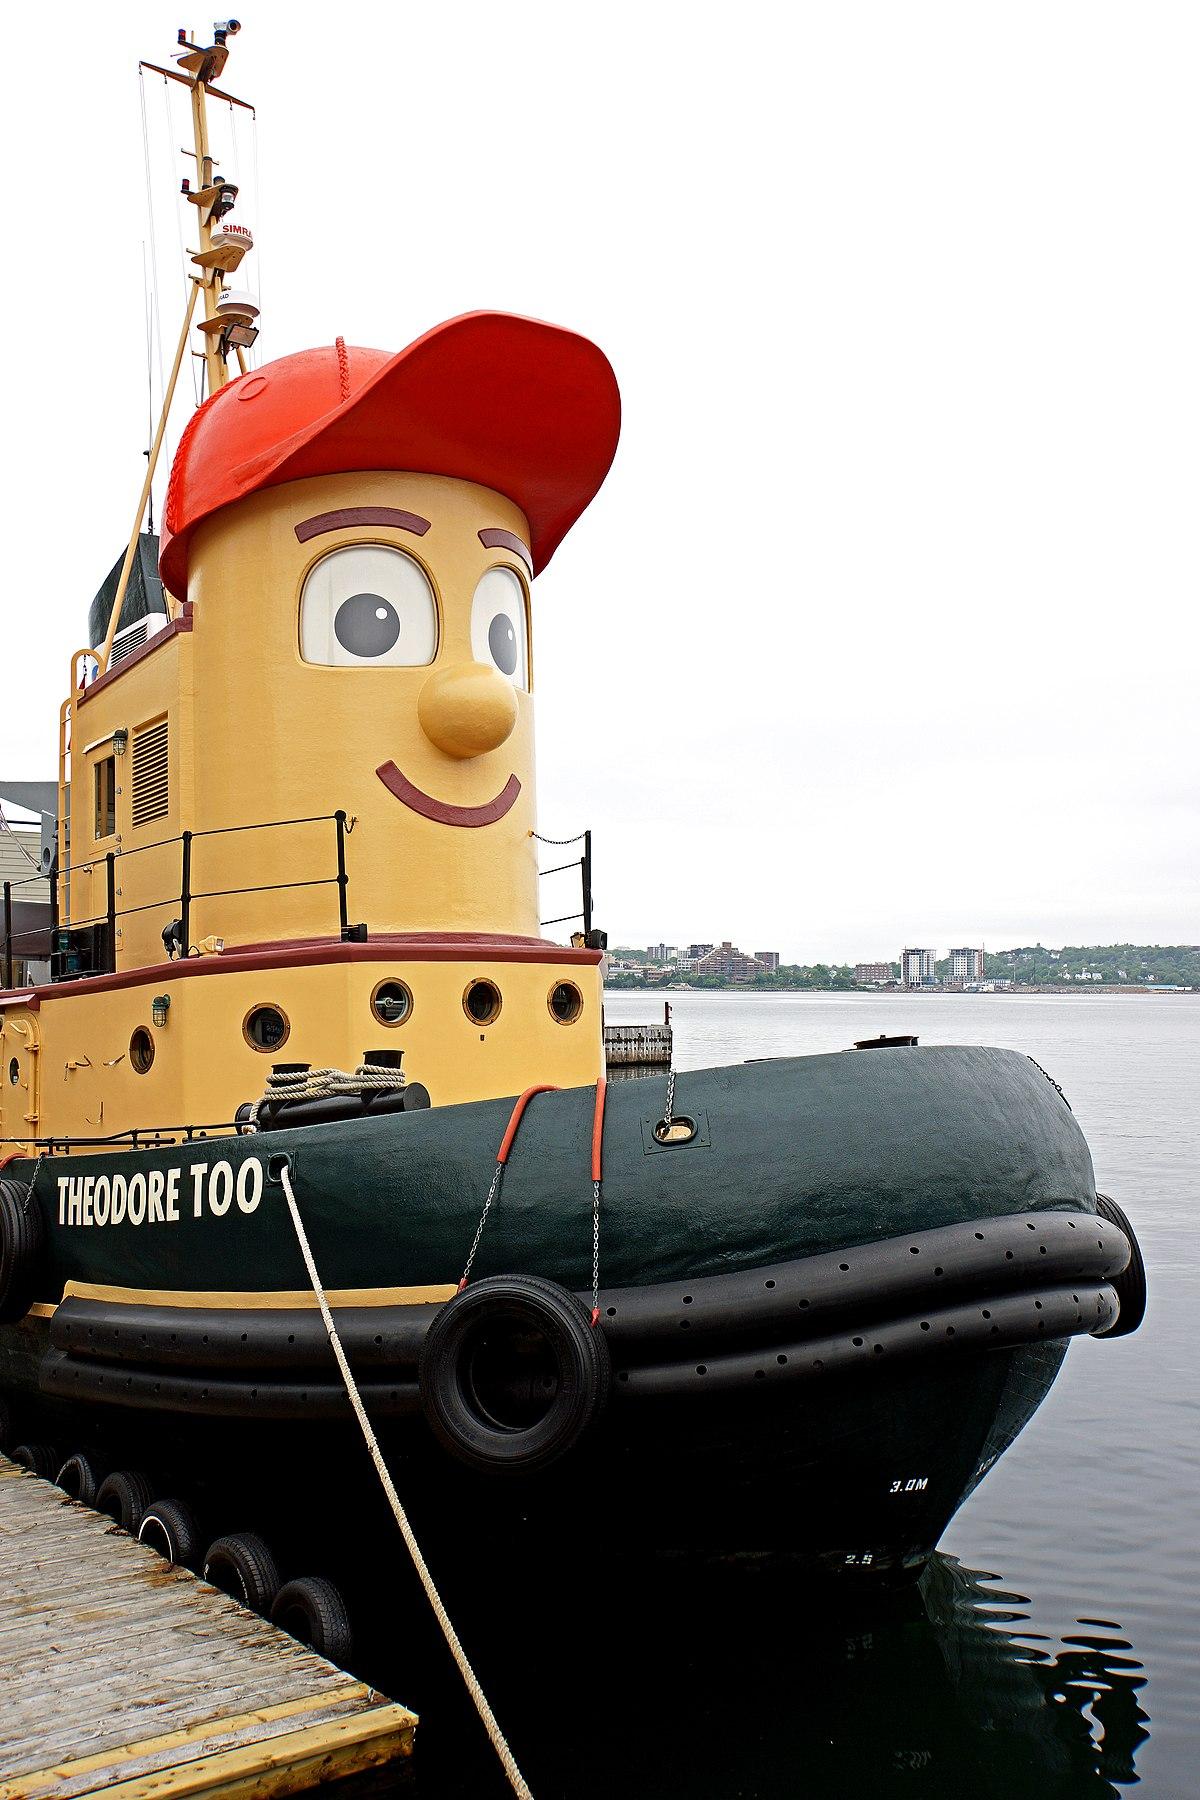 Theodoor De Sleepboot Wikipedia